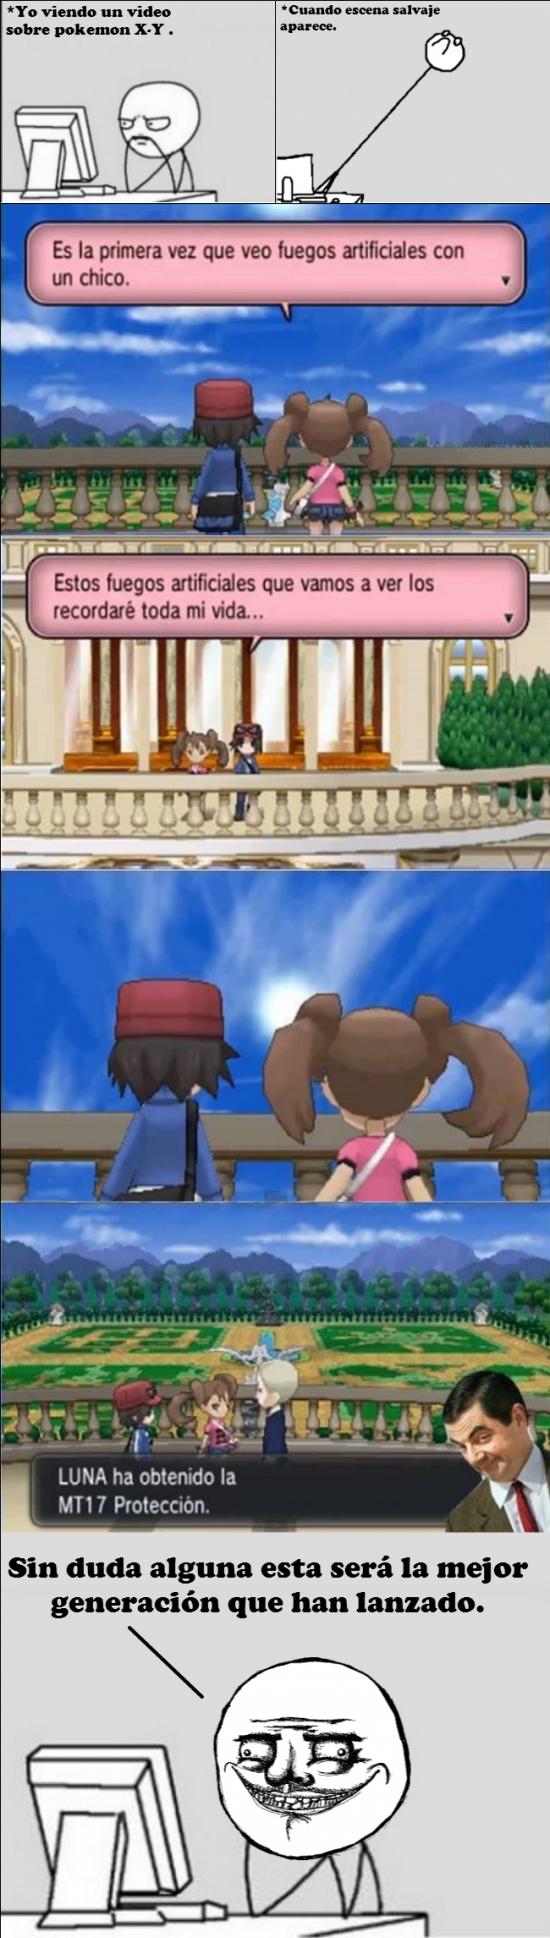 Me_gusta - Una razón más para jugar Pokémon X y Y